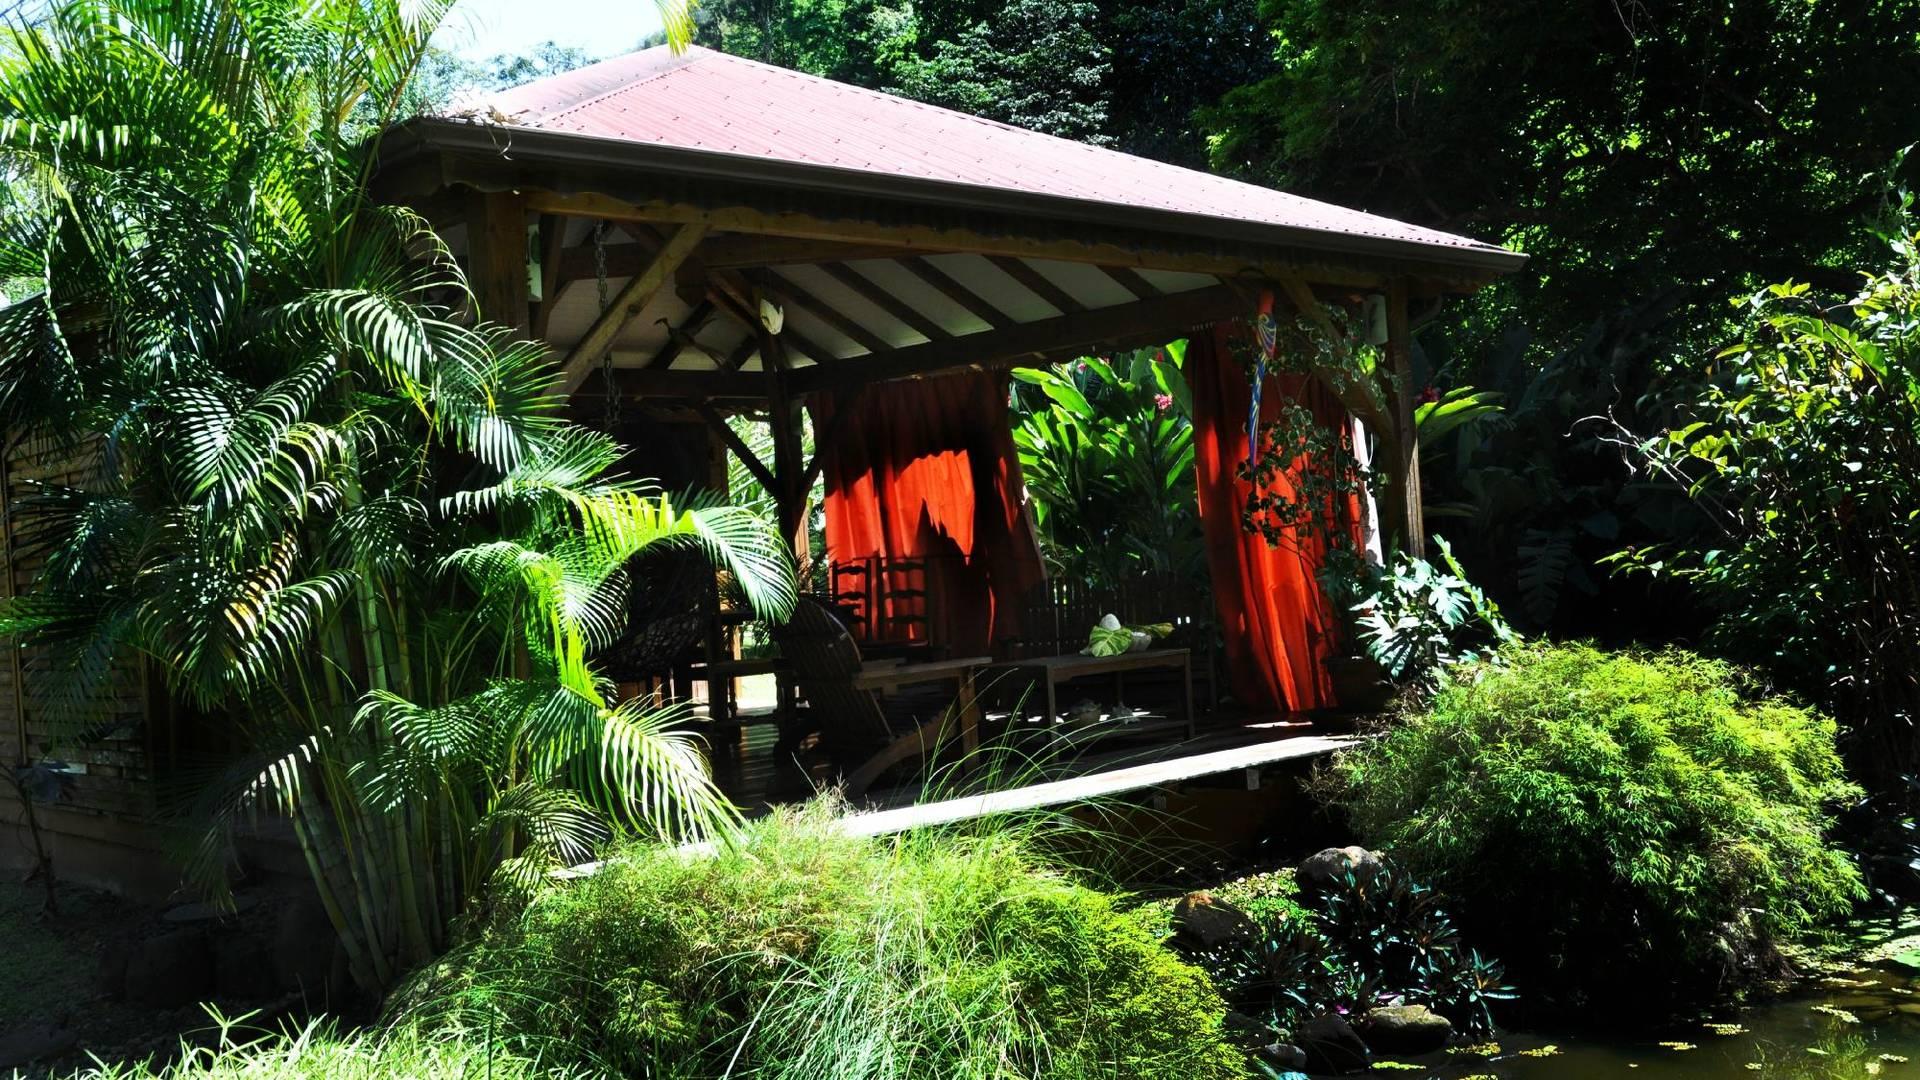 west-indies-cottage-vijver.jpg